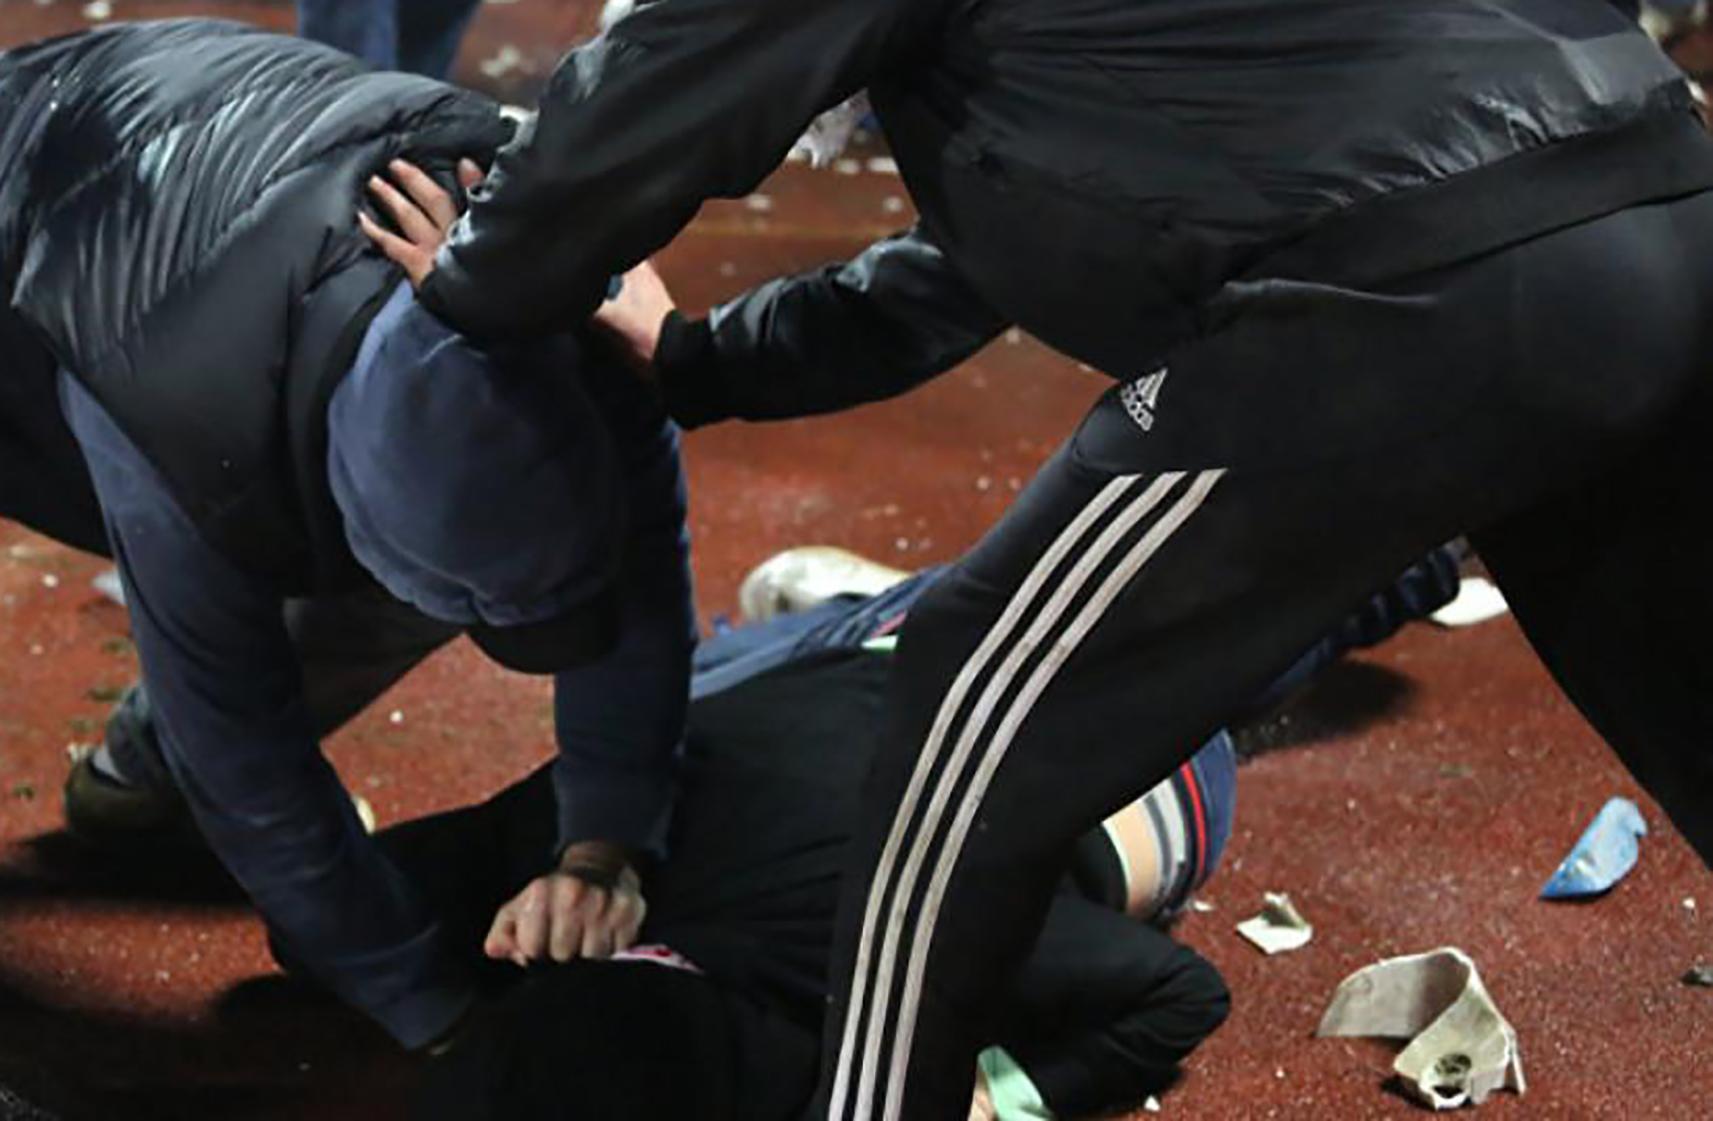 Около 200 мигрантов из Кыргызстана и Узбекистана устроили массовую драку в Москве